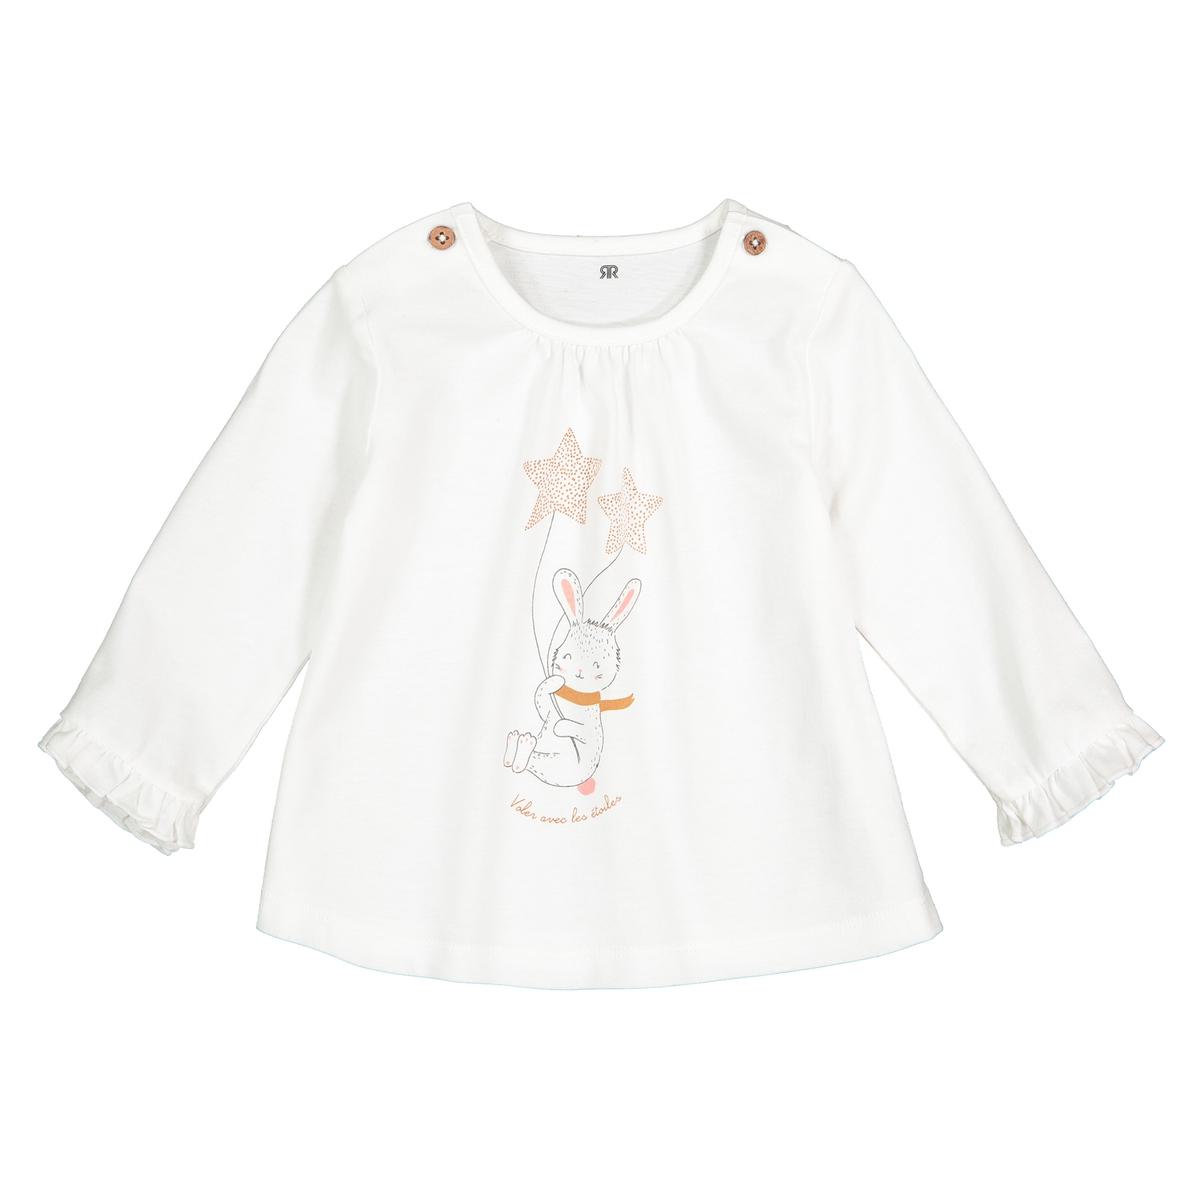 Футболка La Redoute С длинными рукавами и принтом заяц мес- года 0 мес. - 50 см бежевый футболка la redoute с длинными рукавами с вышивкой мес года 0 мес 50 см бежевый